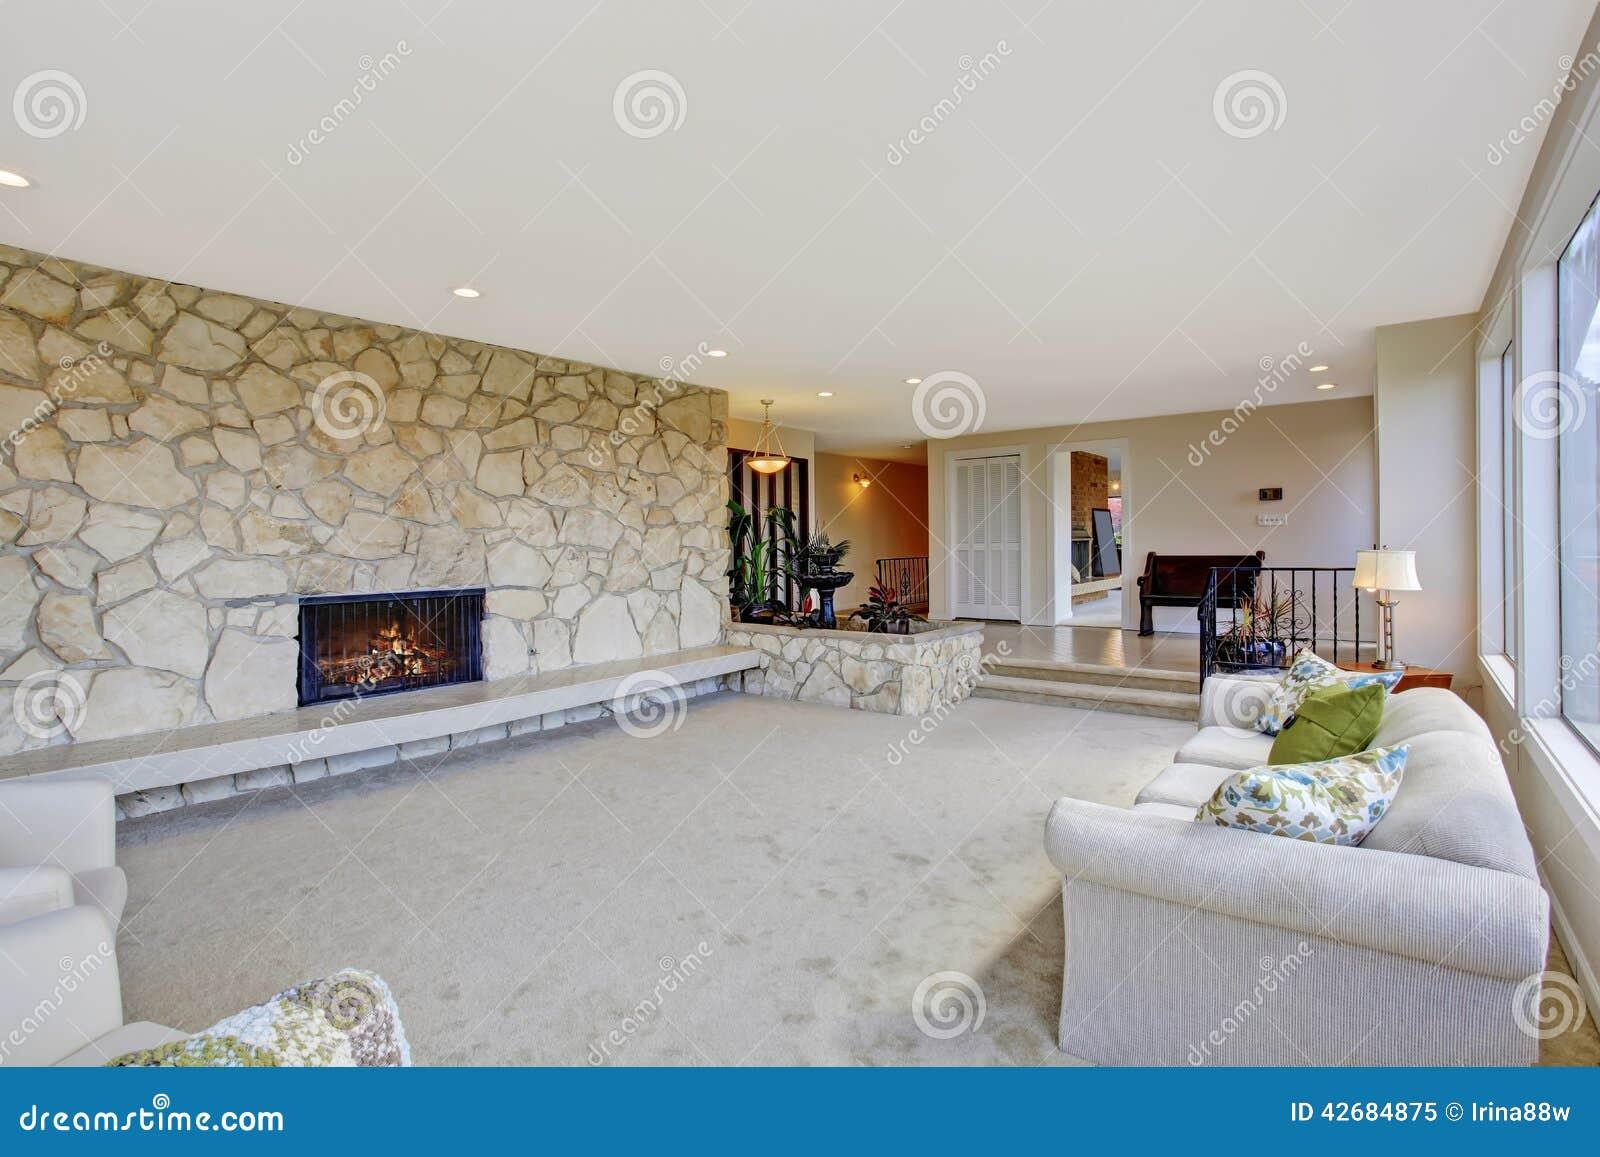 wohnzimmer mit brunnen im luxushaus stockfoto - bild: 42684875